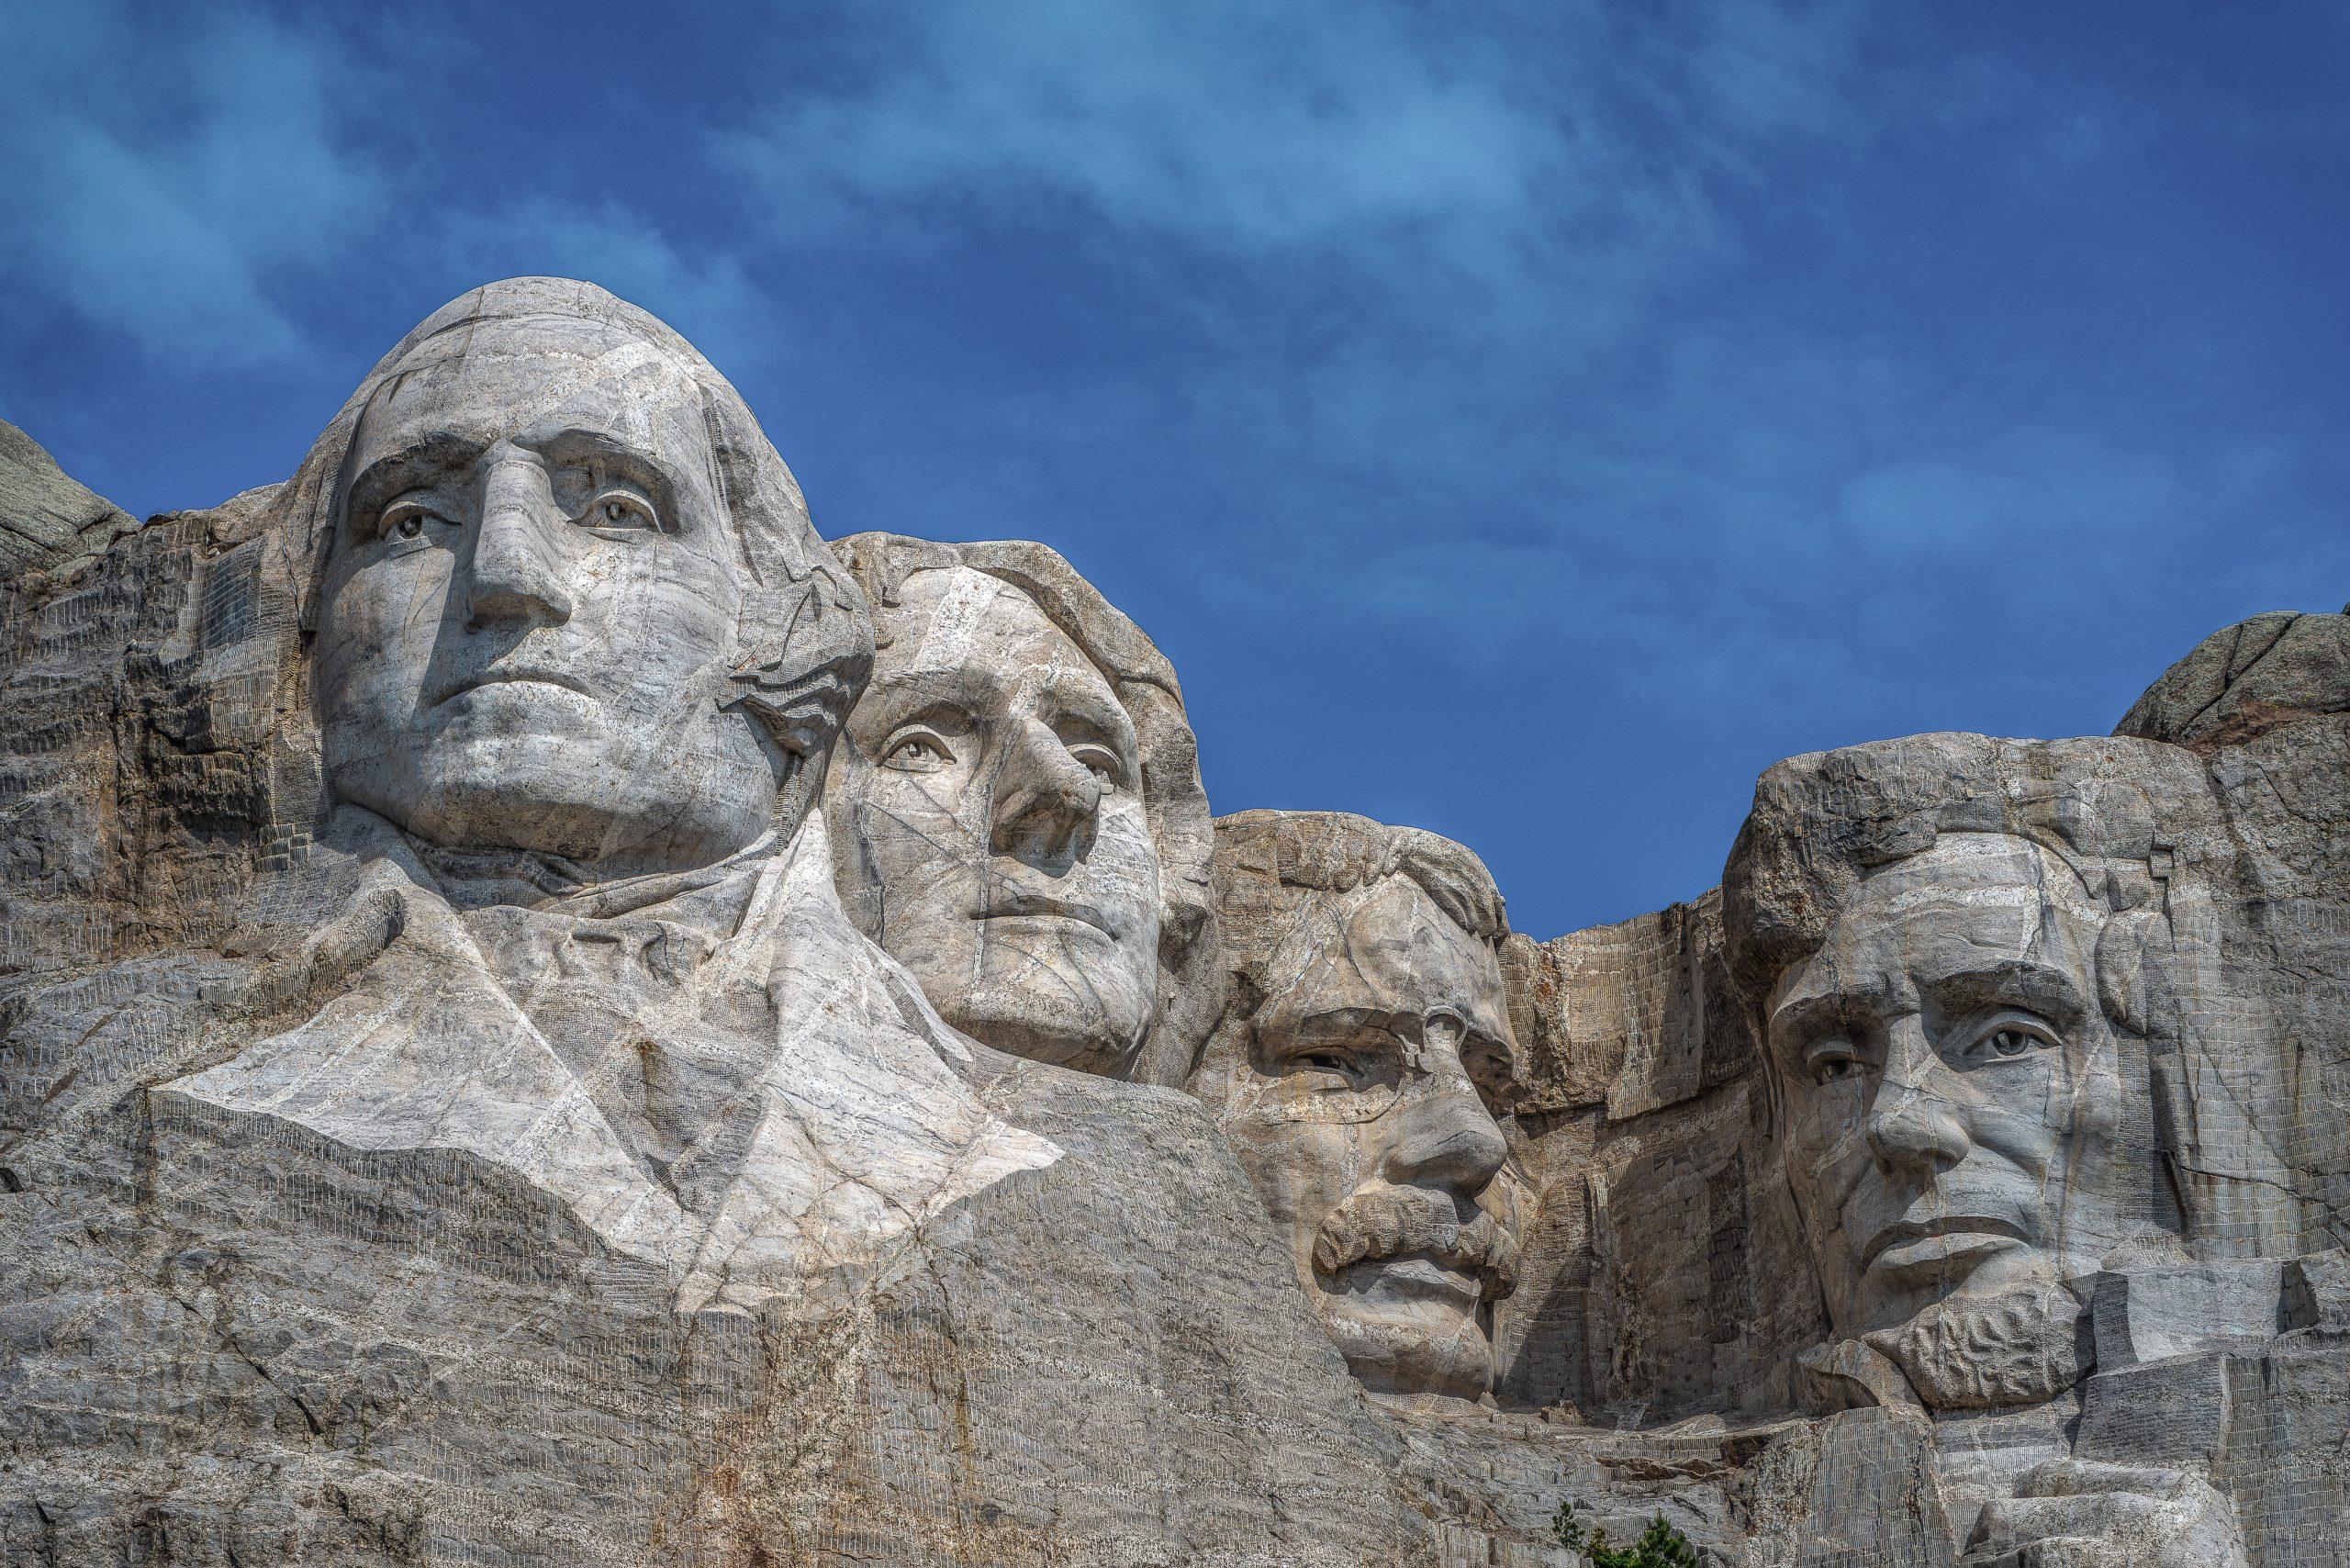 Monte Rushmore chi sono i presidenti